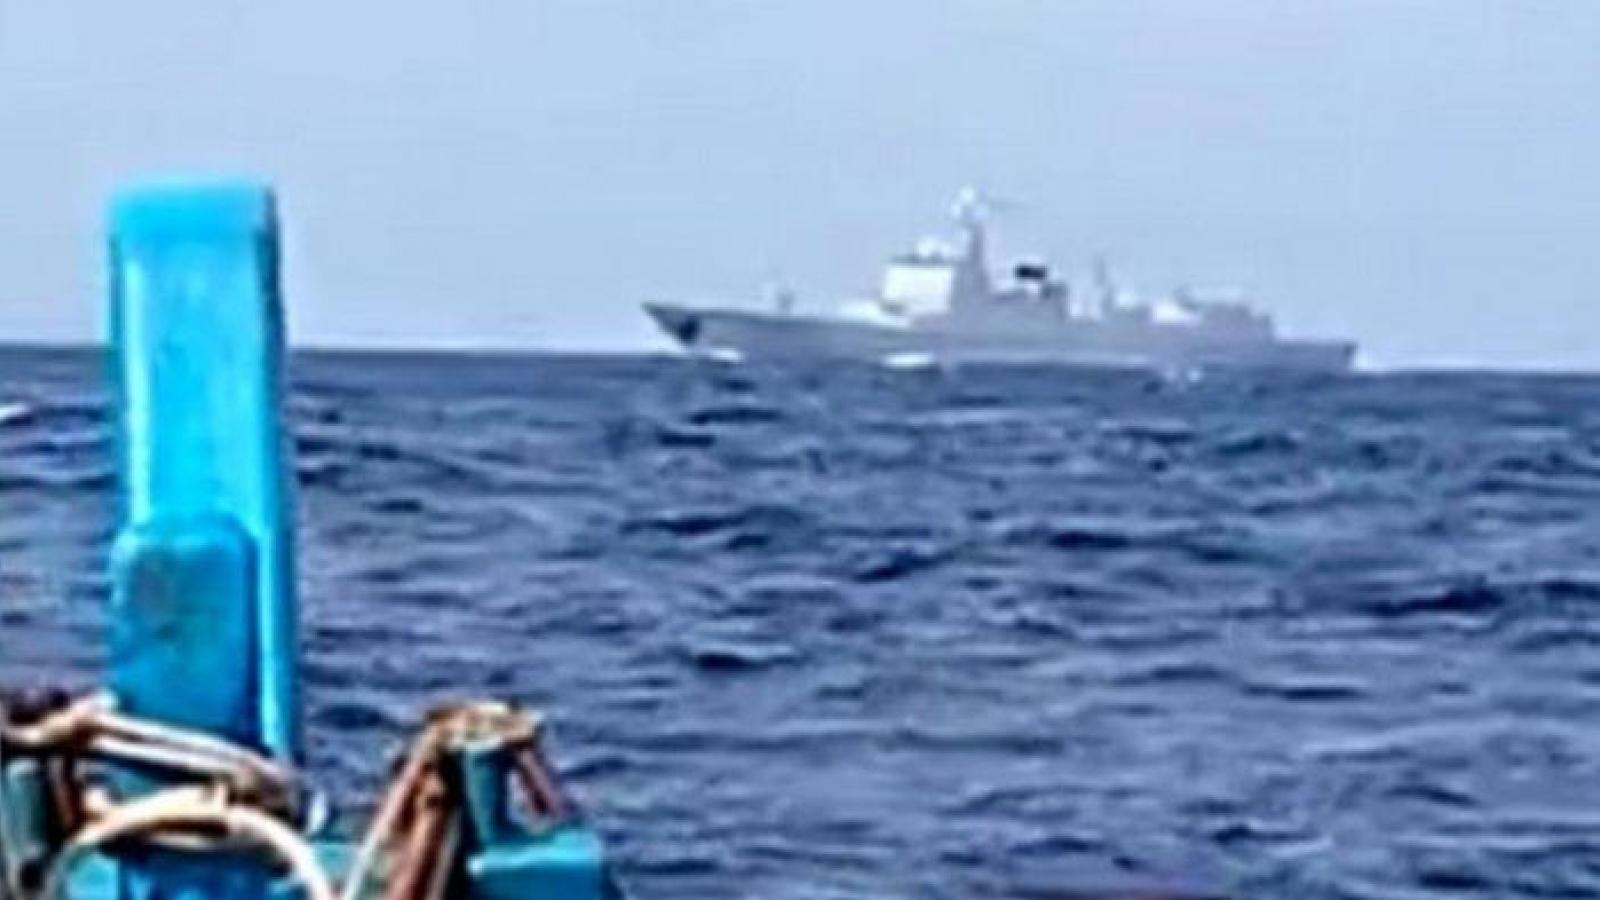 Tố 6 tàu Trung Quốc vi phạm EEZ, Indonesia tuyên bố không khoan nhượng